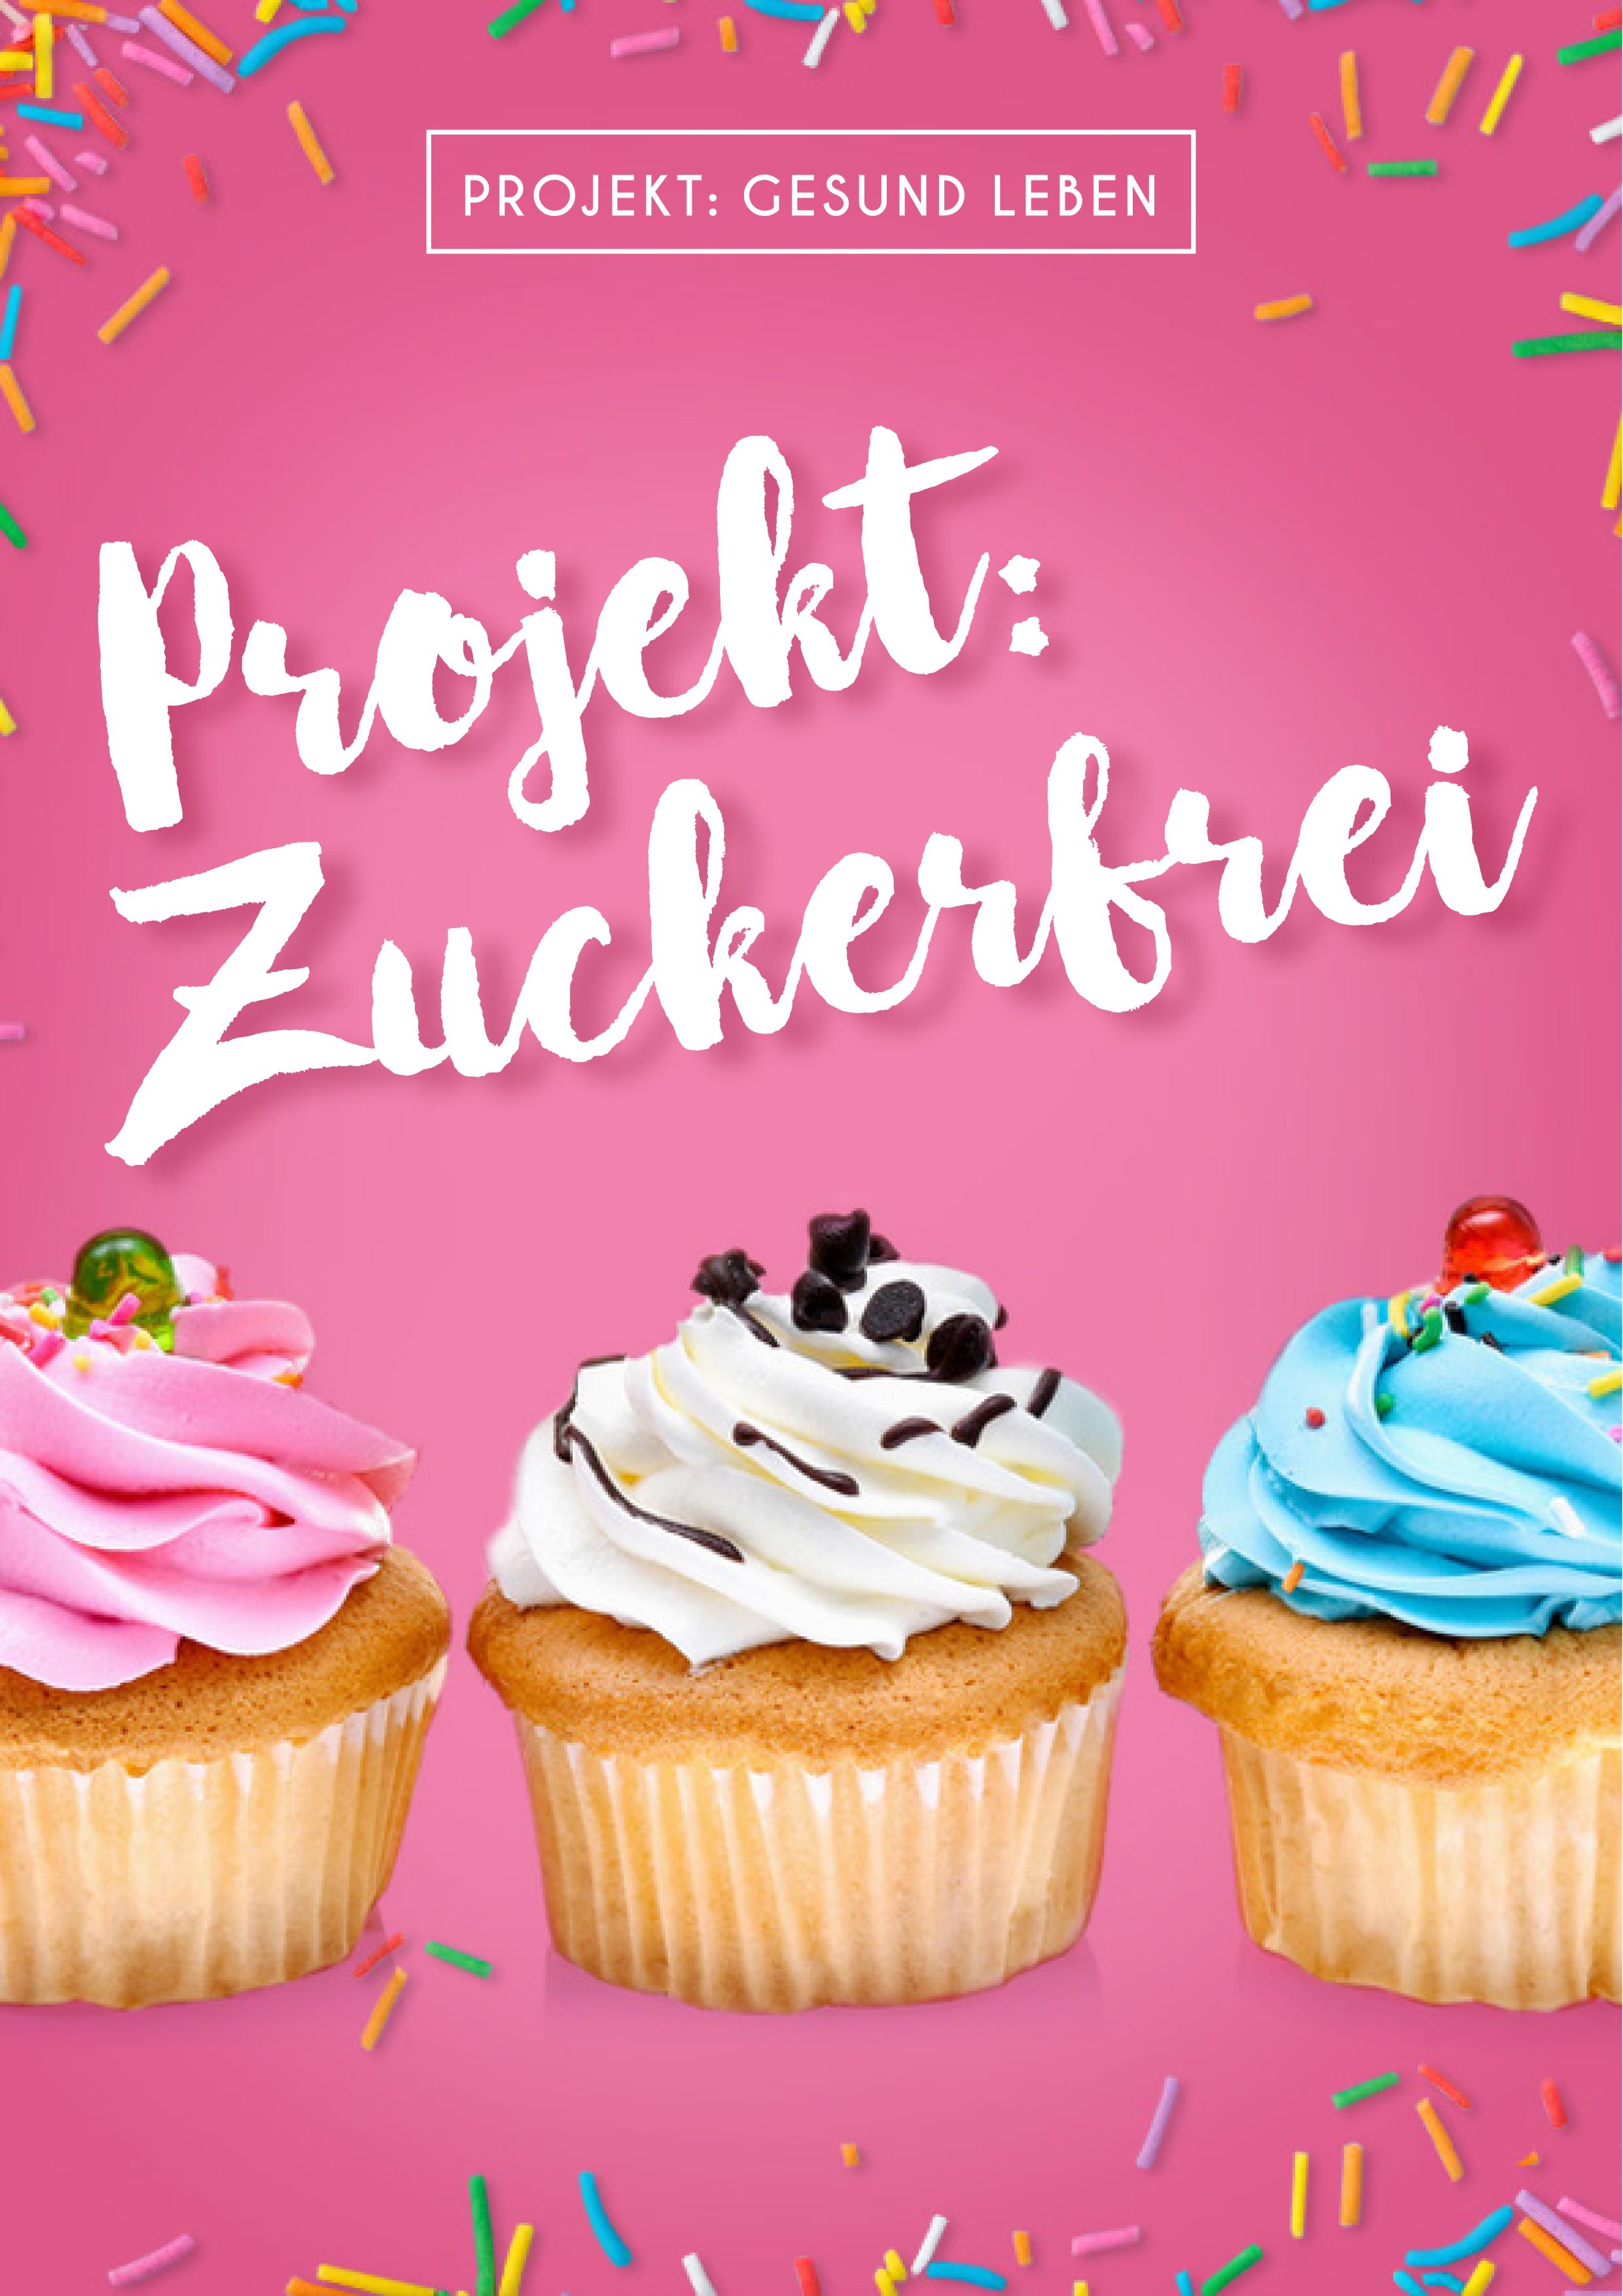 E Book Projekt Zuckerfrei Cover